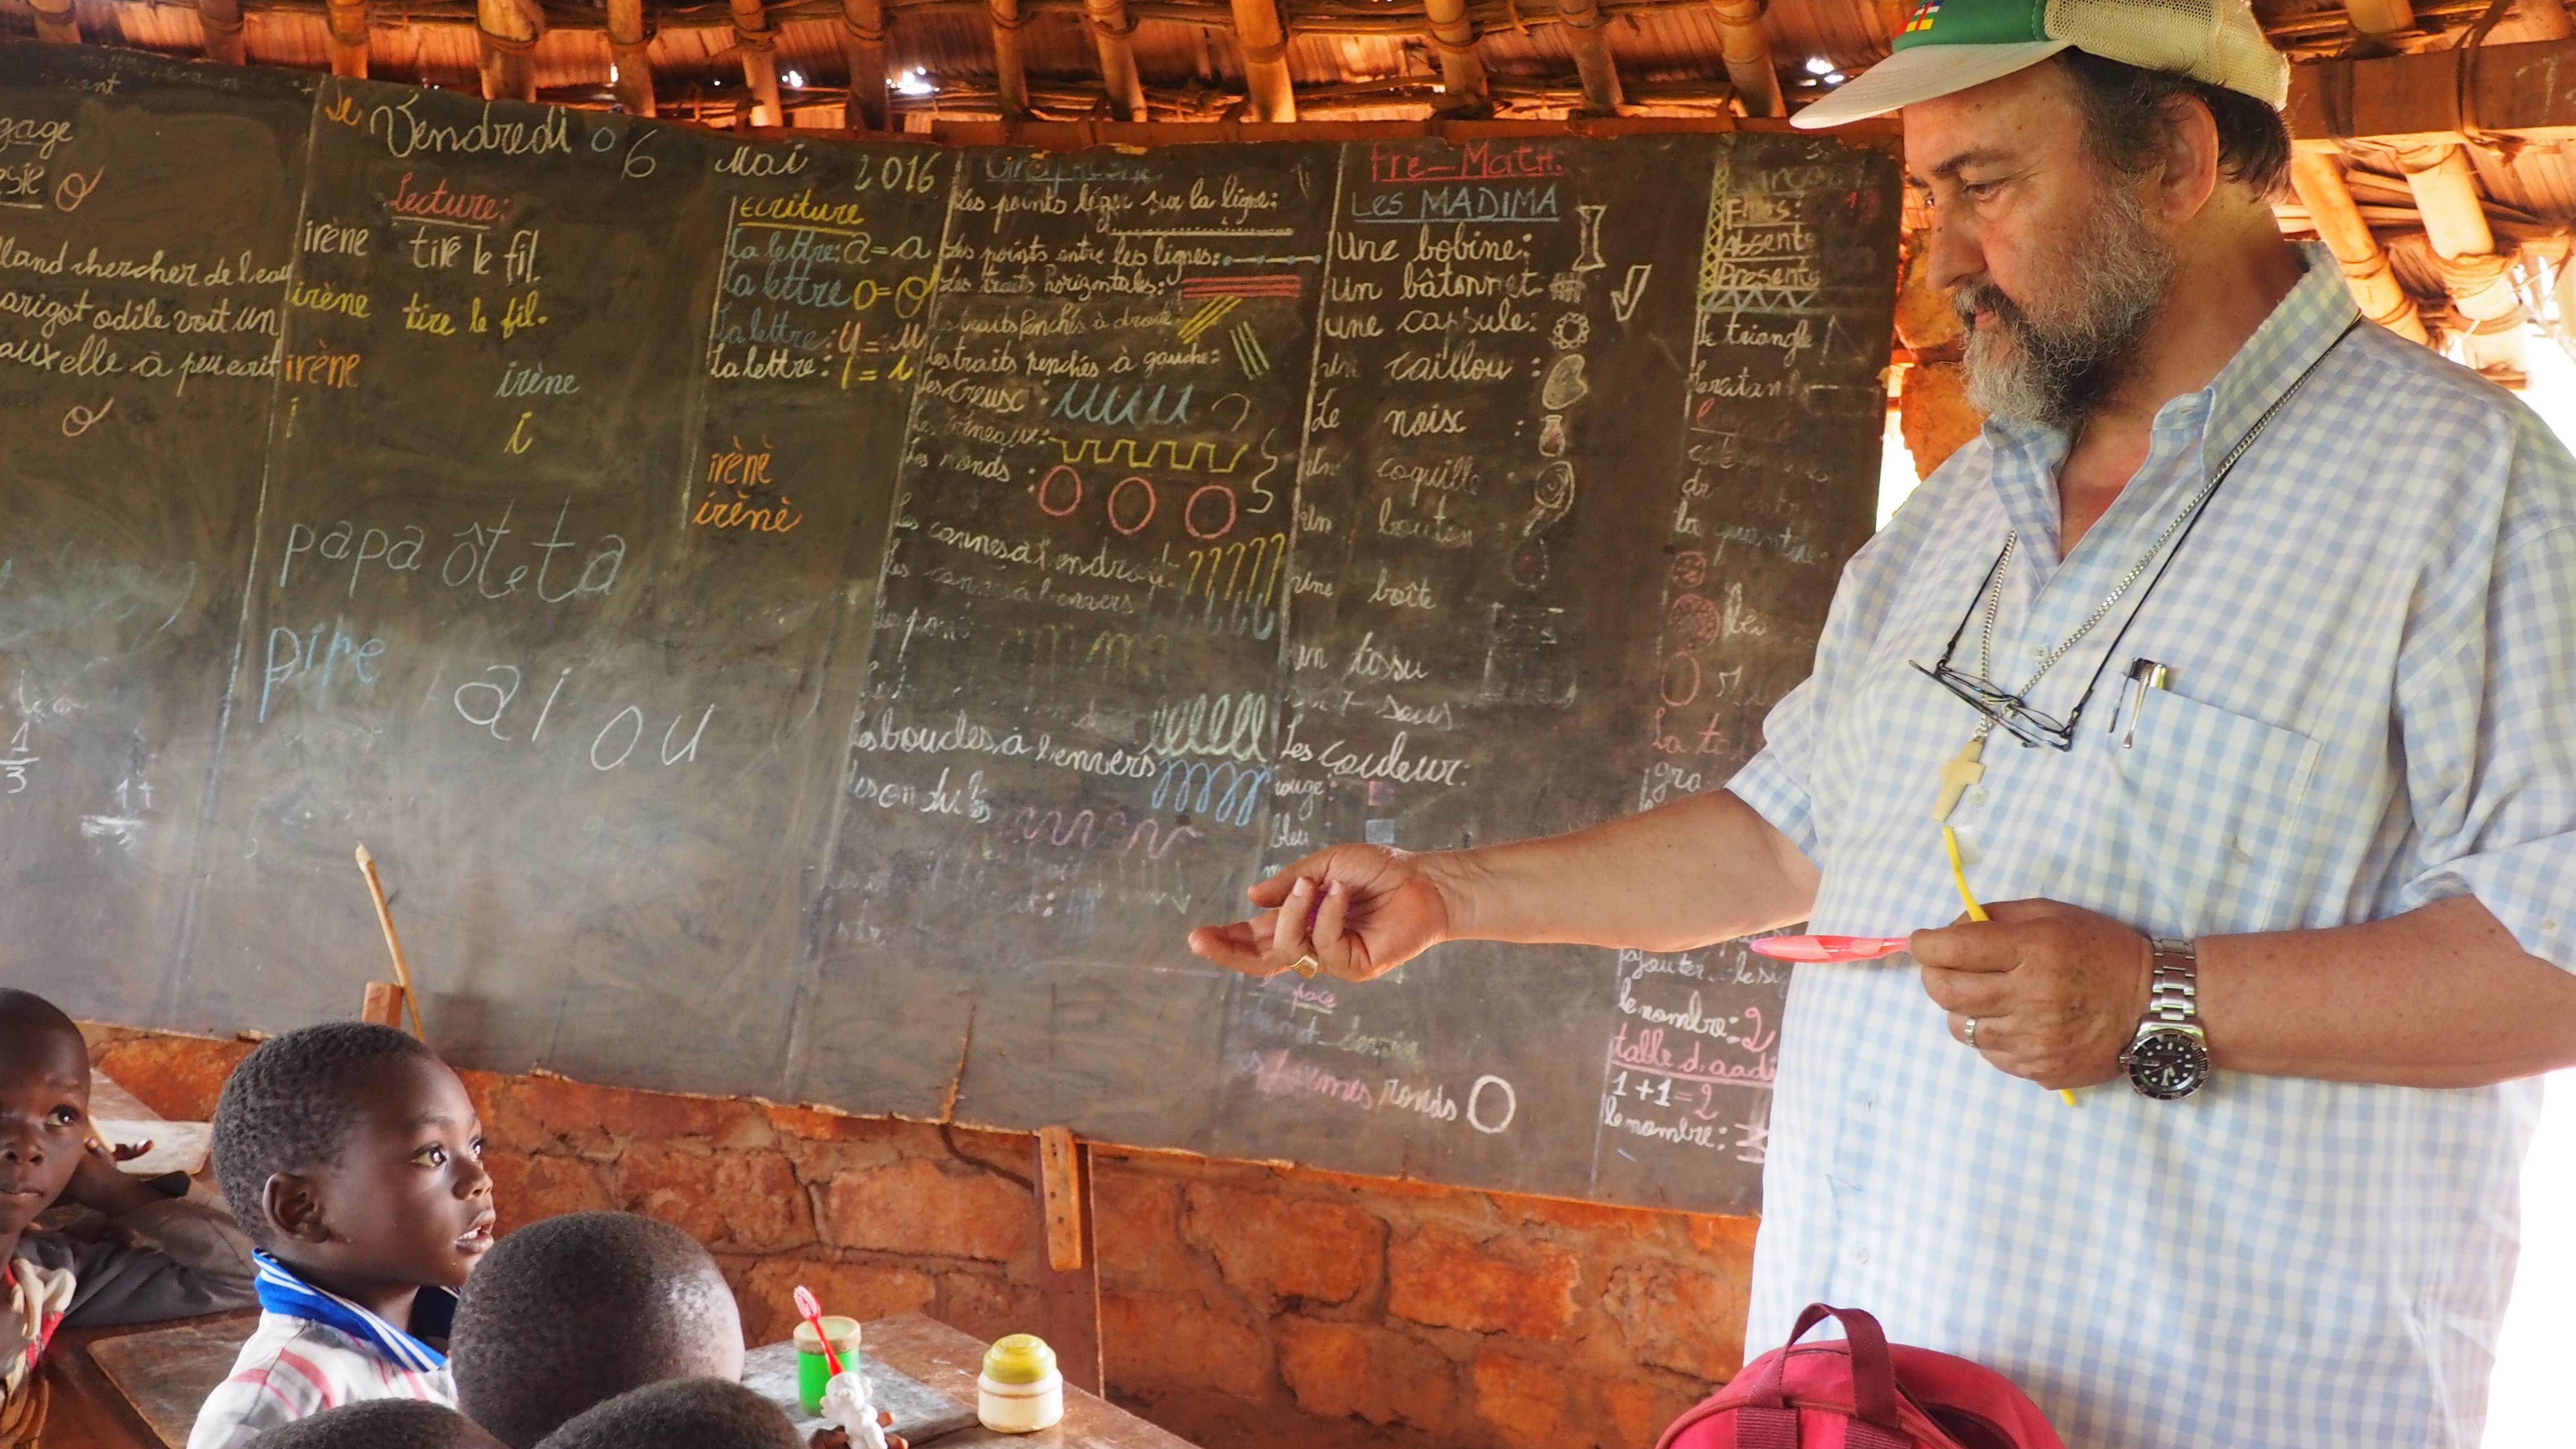 Una misión del obispo de la diócesis de Bangassou: reabrir escuelas quemadas